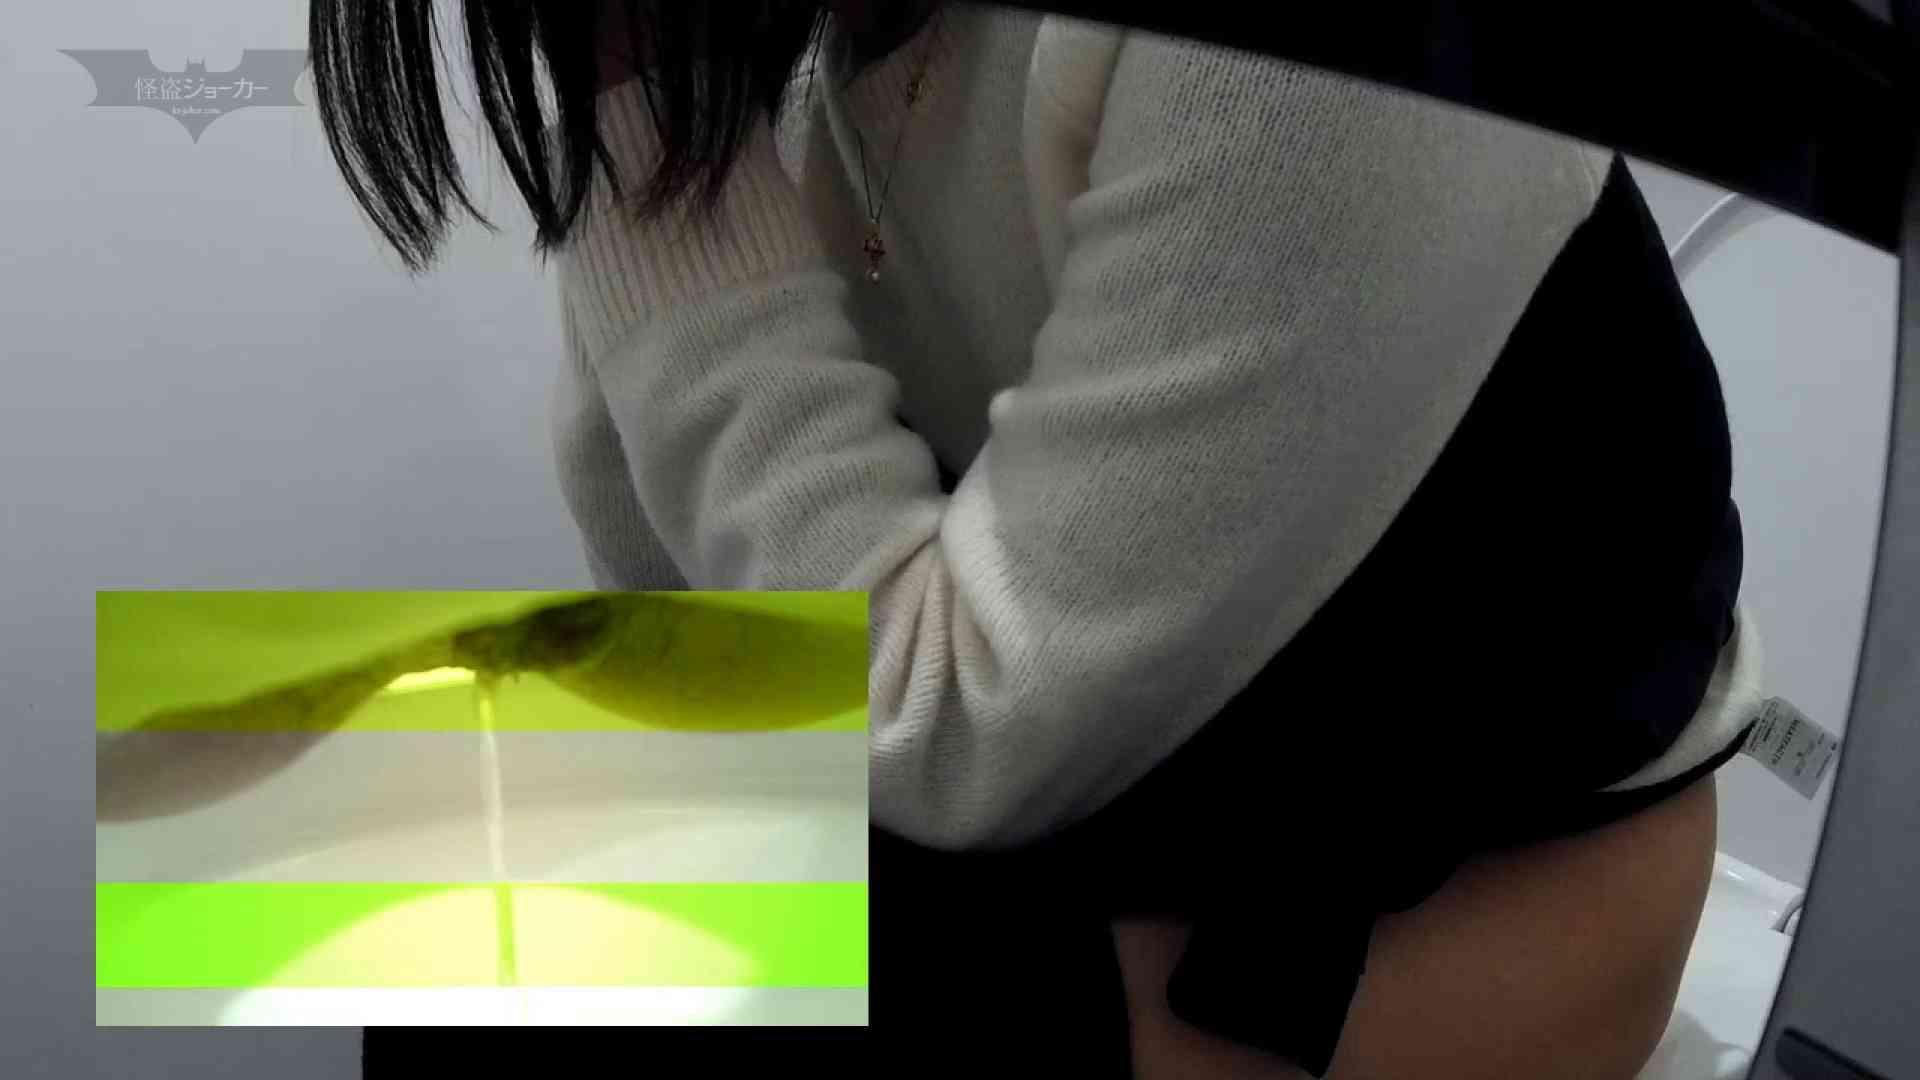 有名大学女性洗面所 vol.57 S級美女マルチアングル撮り!! 美女  80枚 48